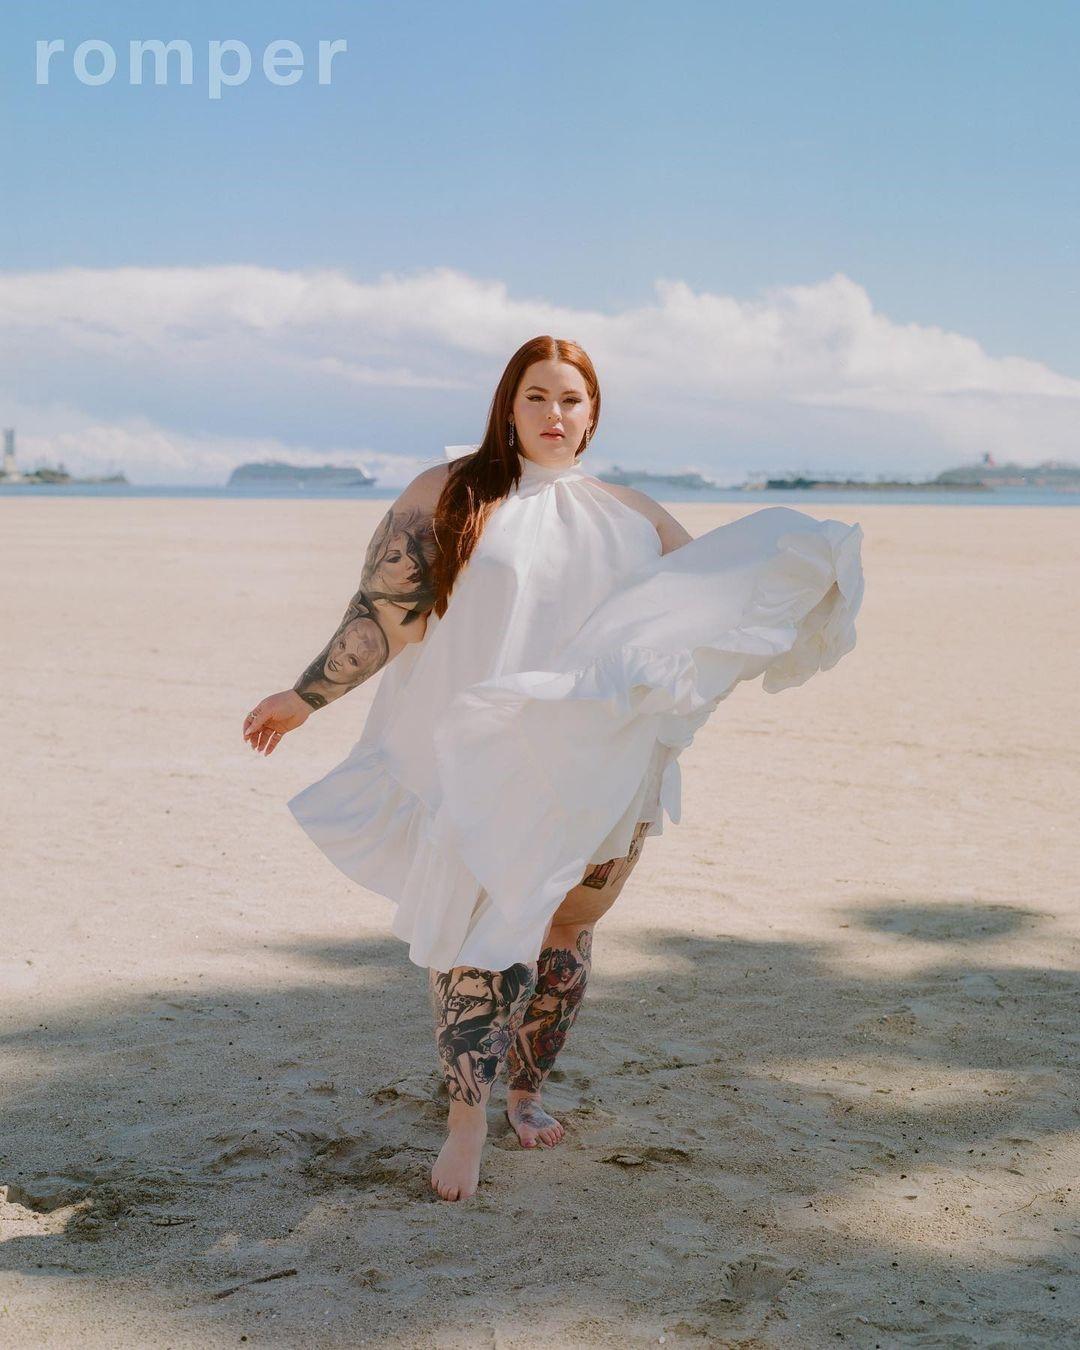 «Люди ценят естественность»: как plus-size модель Тесс Холлидей заставила весь мир говорить о бодипозитиве